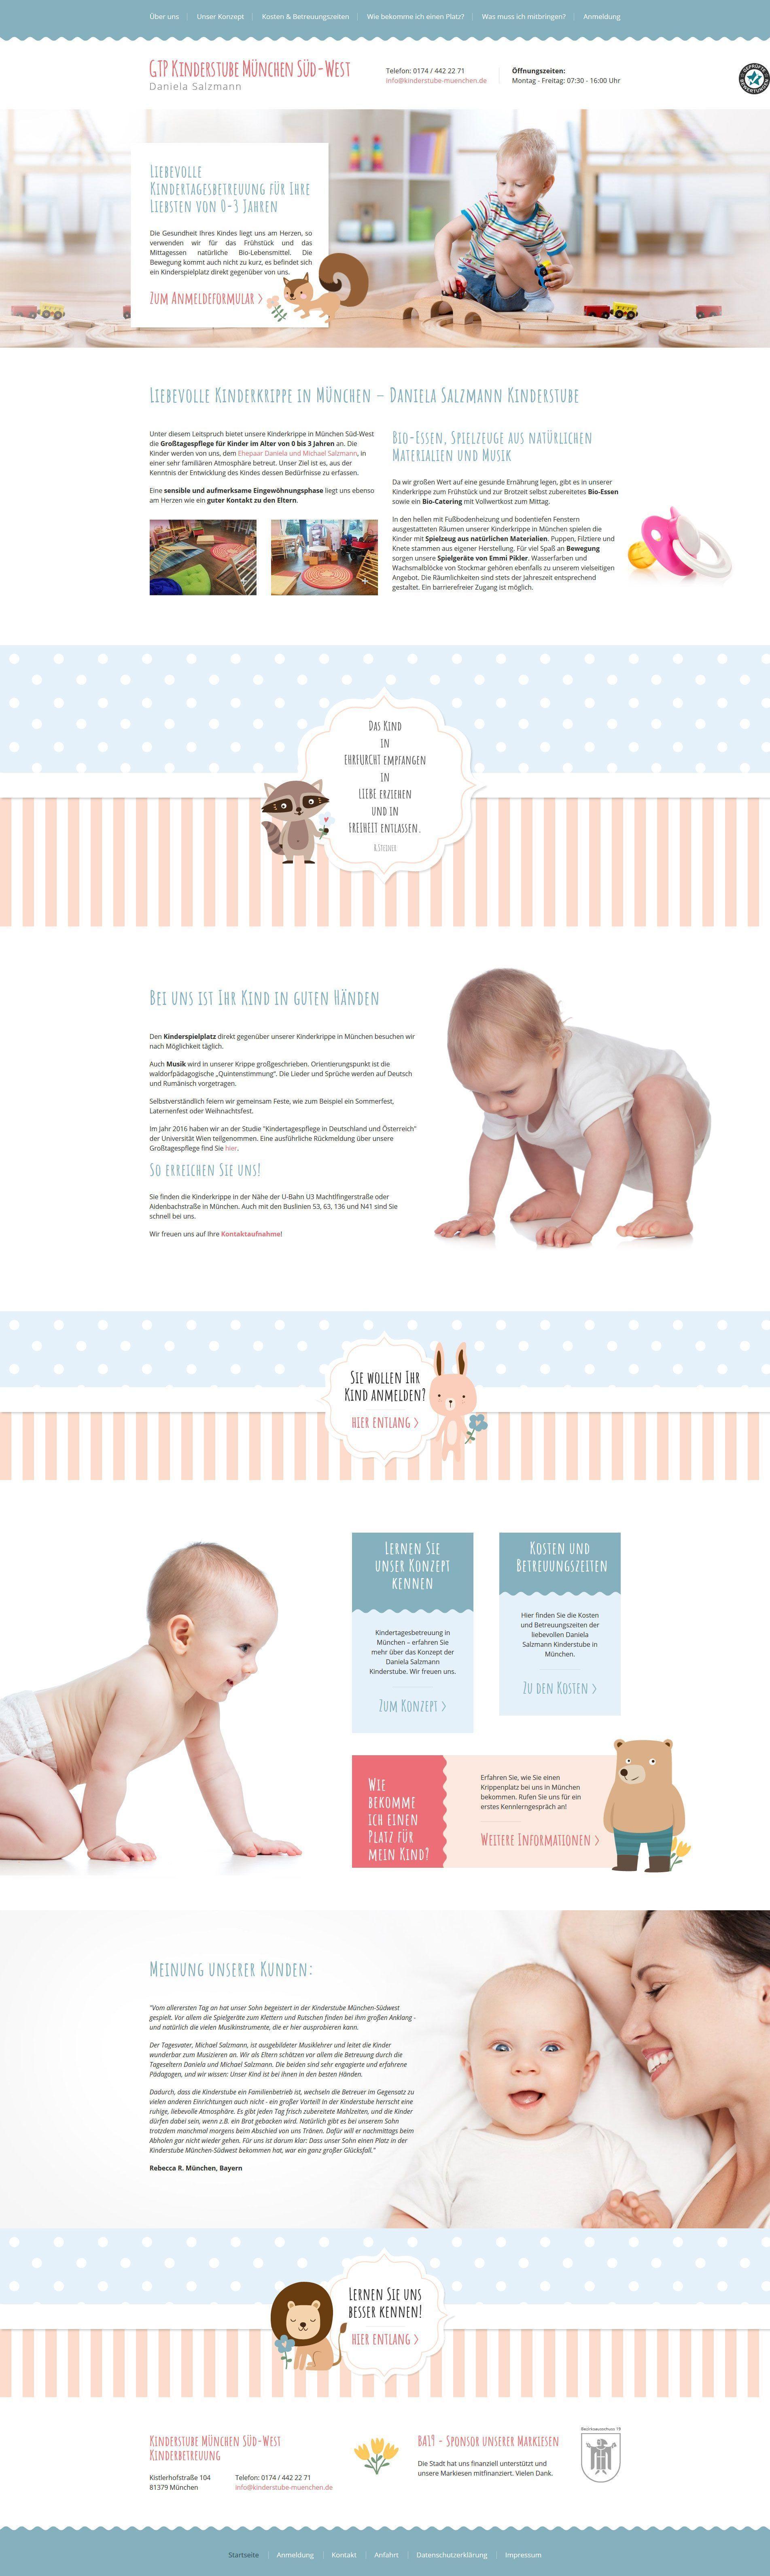 16894261-kinderstube-muenchen.de_1534404035